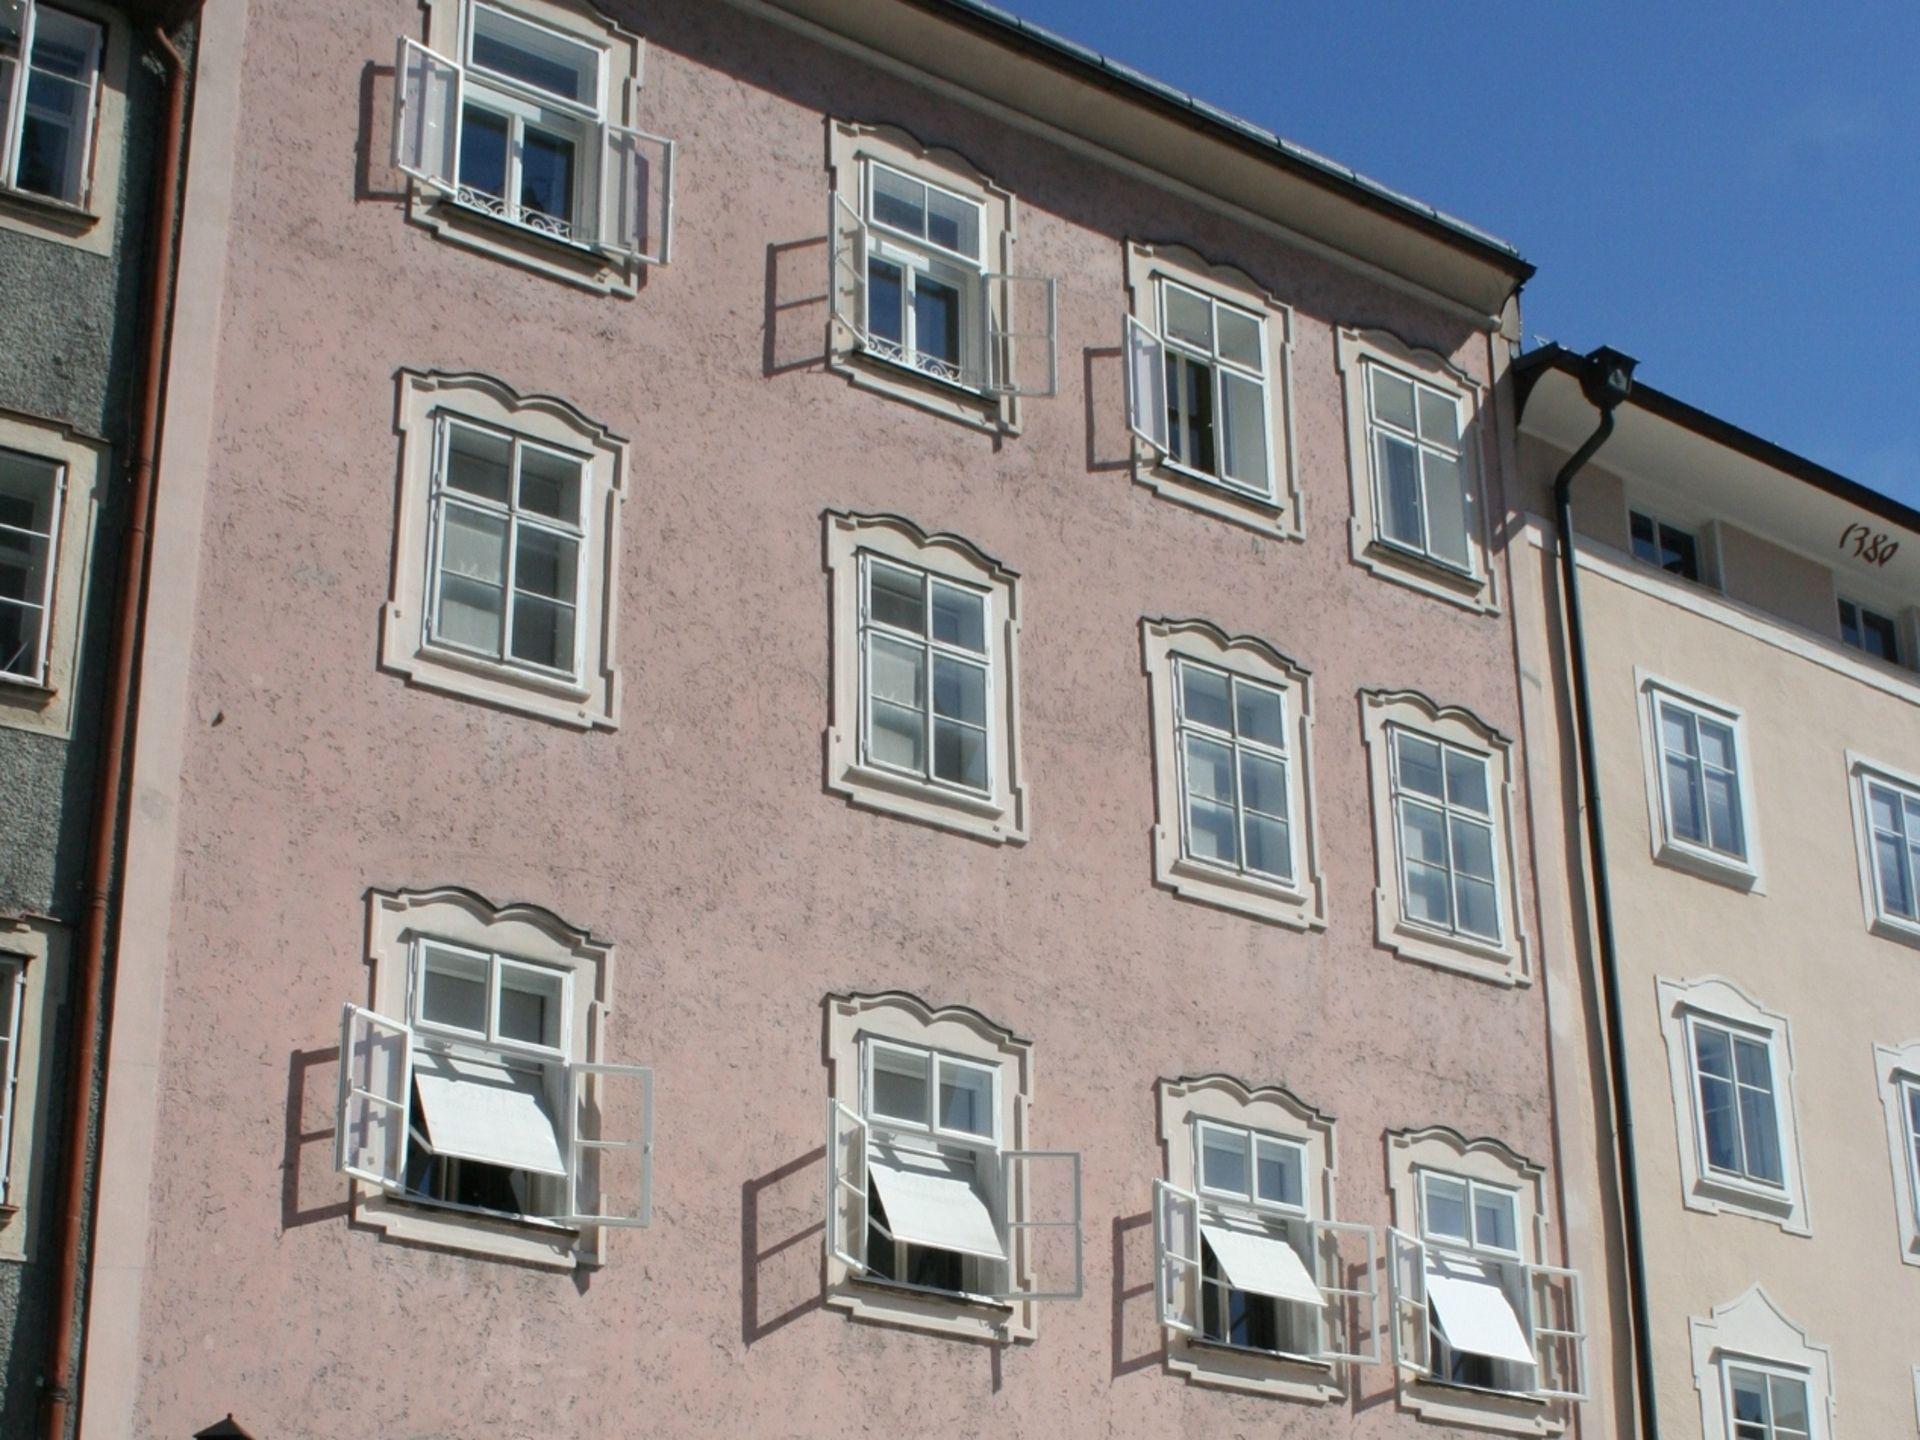 Getreidegasse 13, 5020 Salzburg